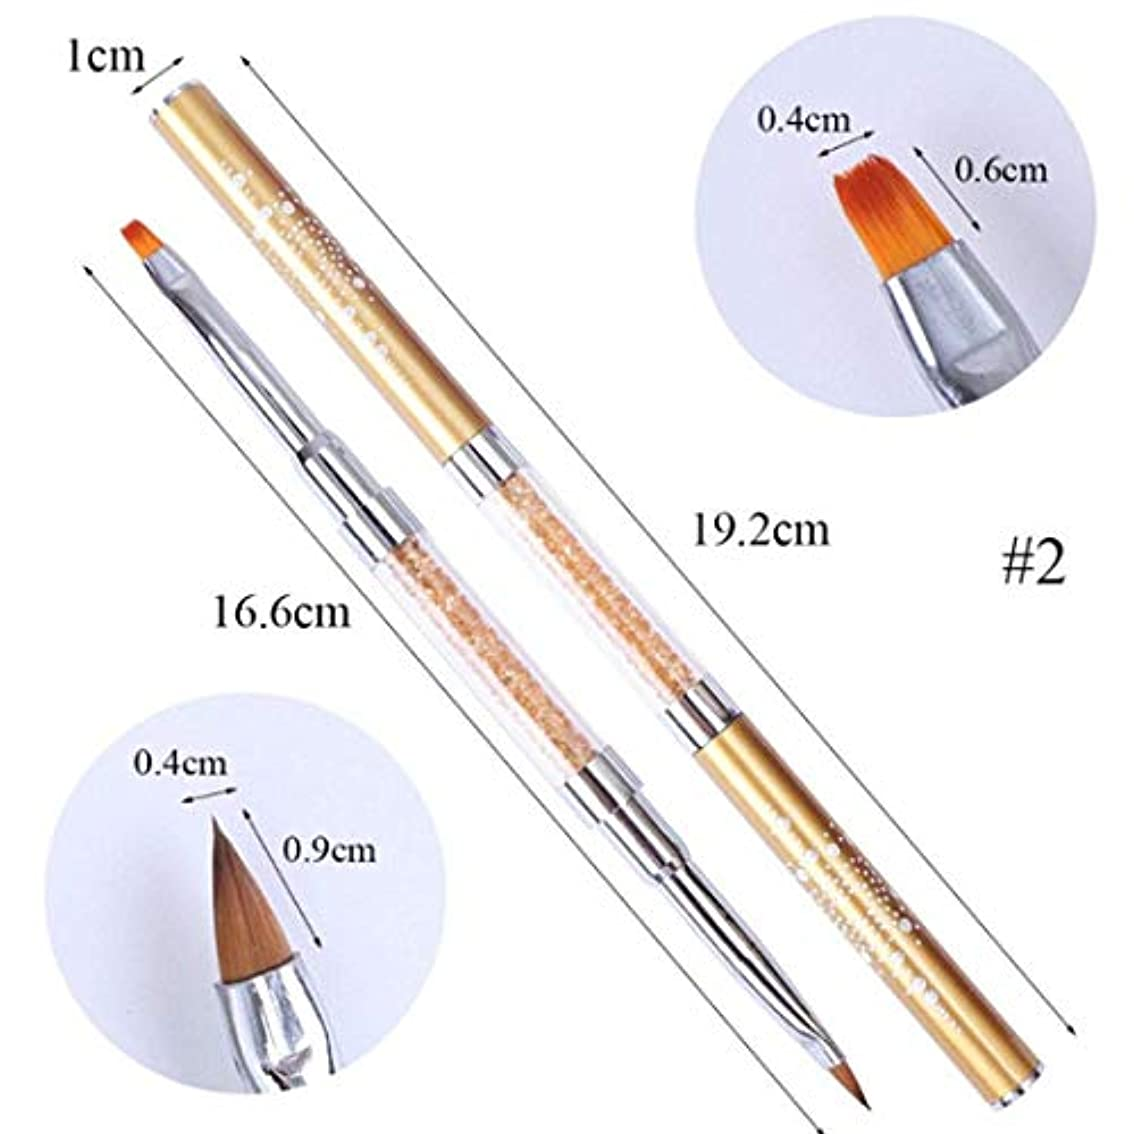 フレームワークネスト手首Onior 女性のネイルペン、女性ジェルネイルアートブラシセット絵画成形ペンモデリングネイルブラシセットa耐久性と実用的